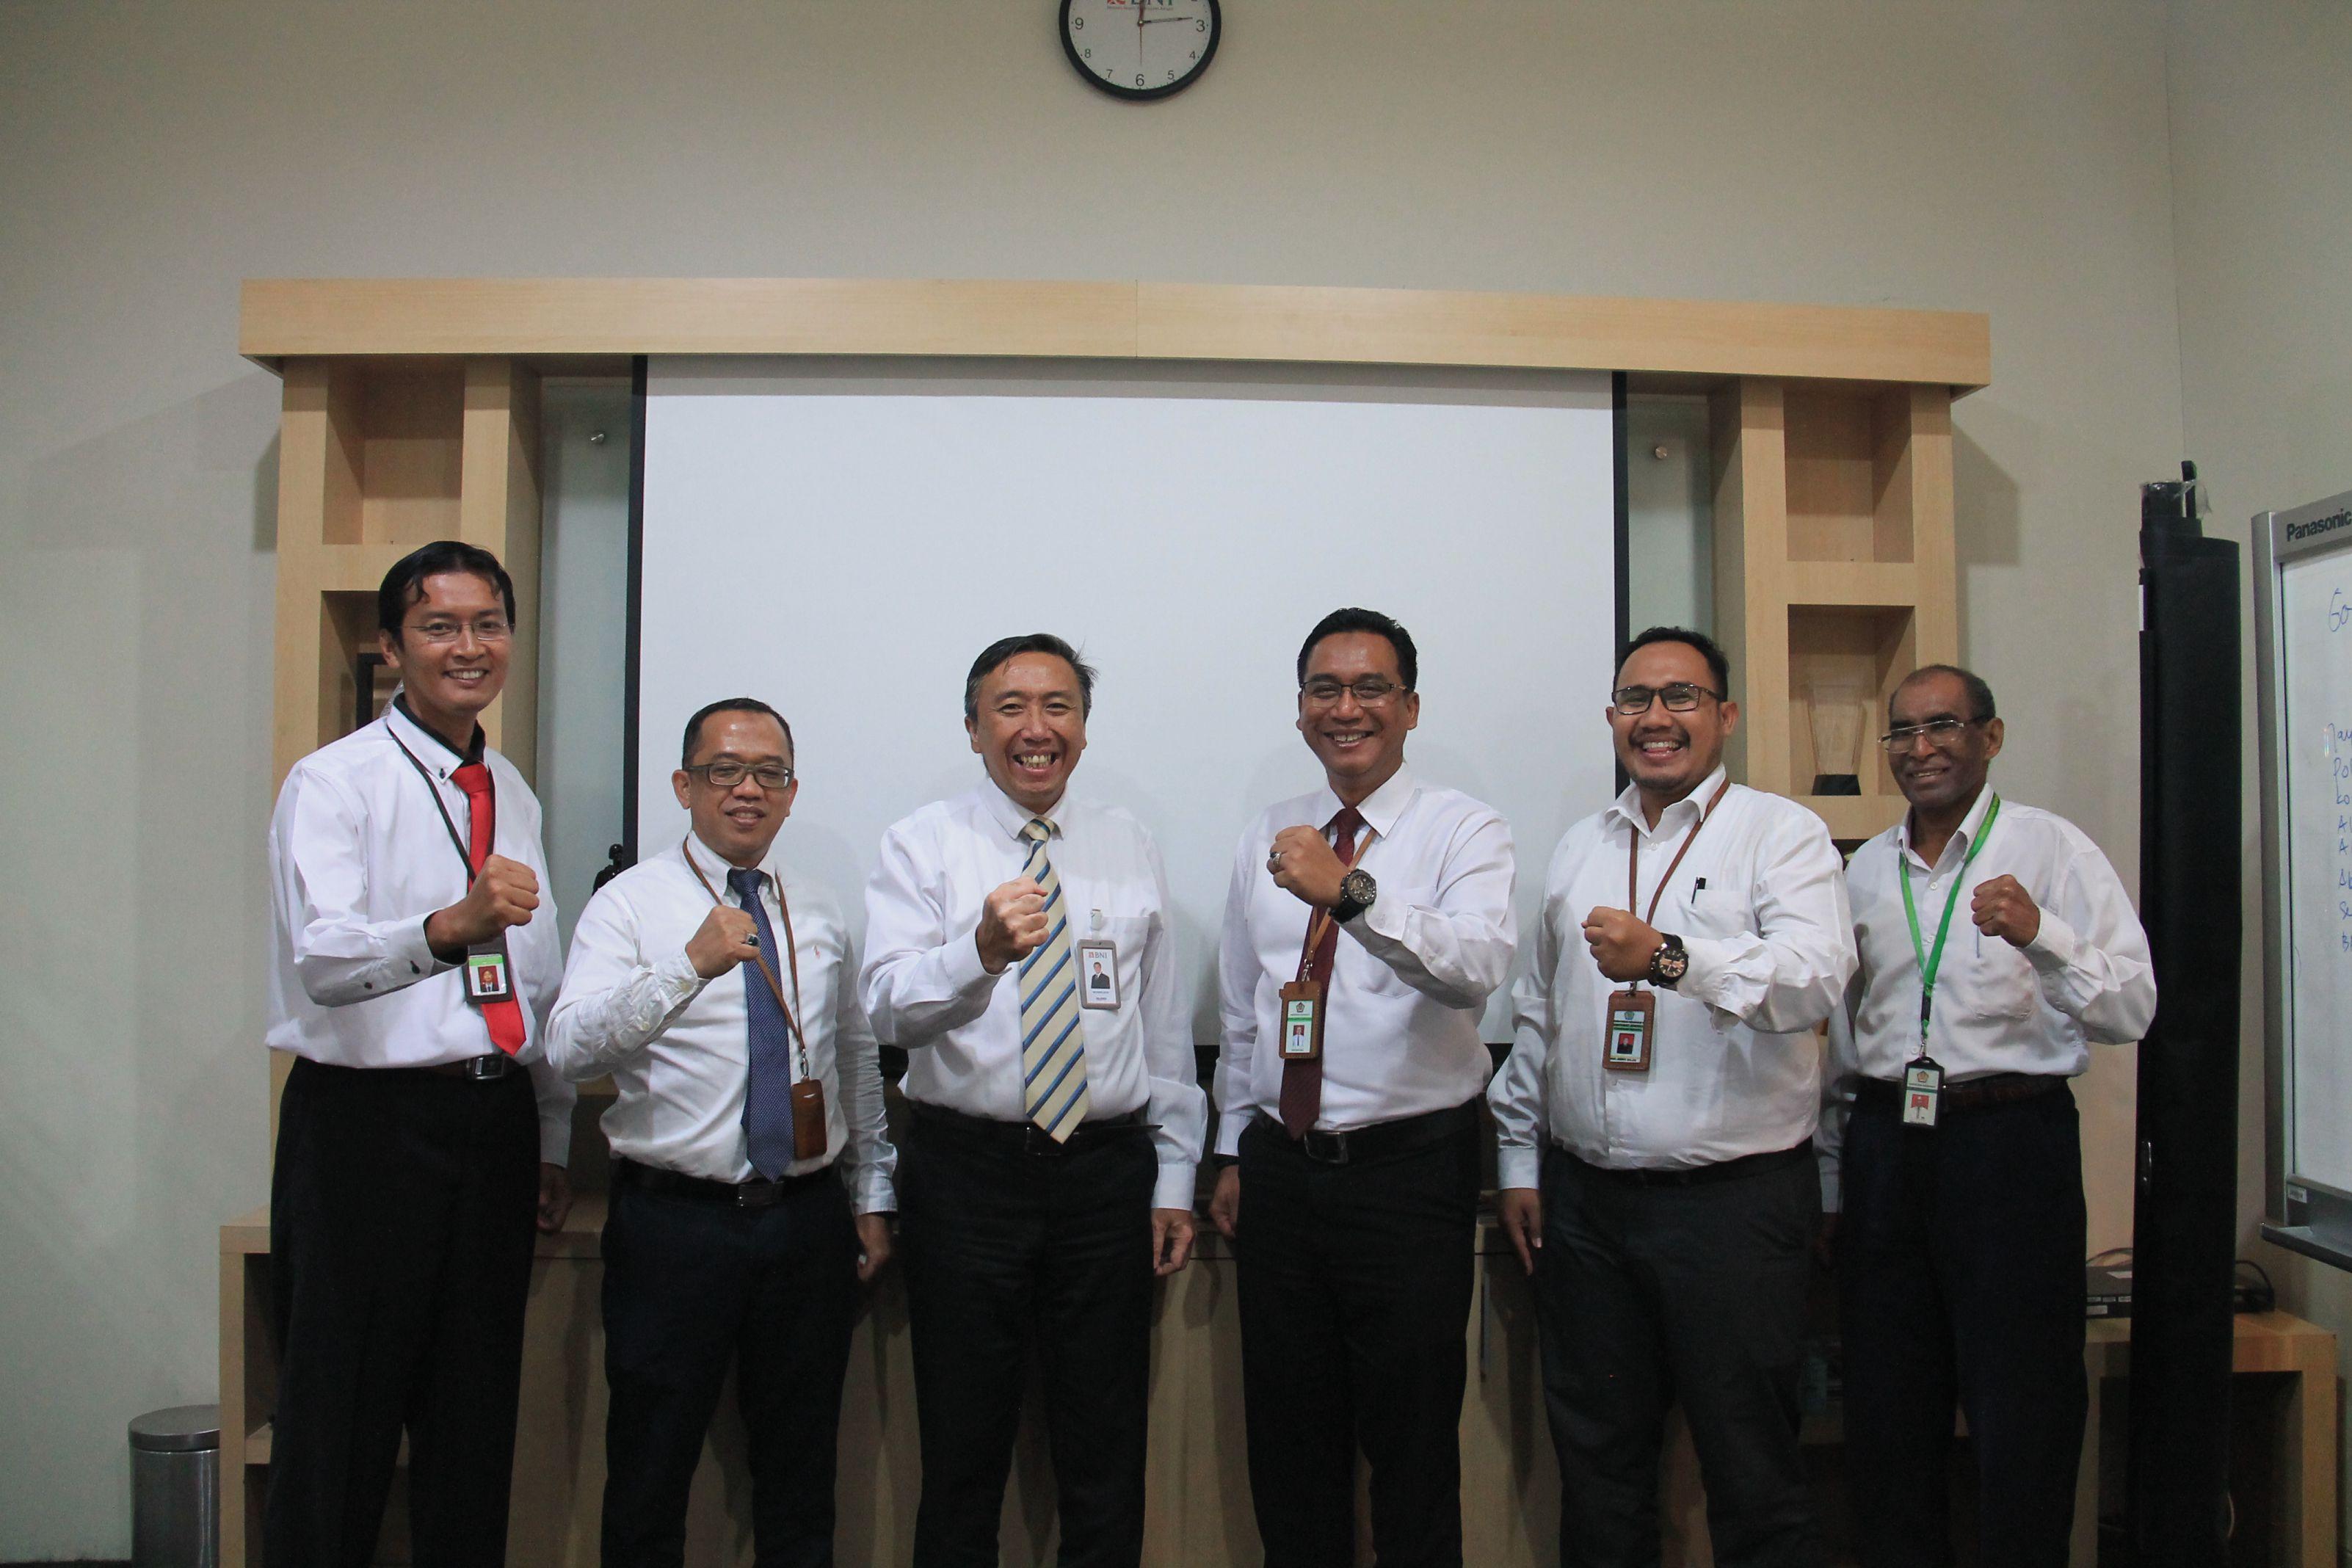 Koordinasi dan Penggalian Potensi lelang pada Bank BNI Papua